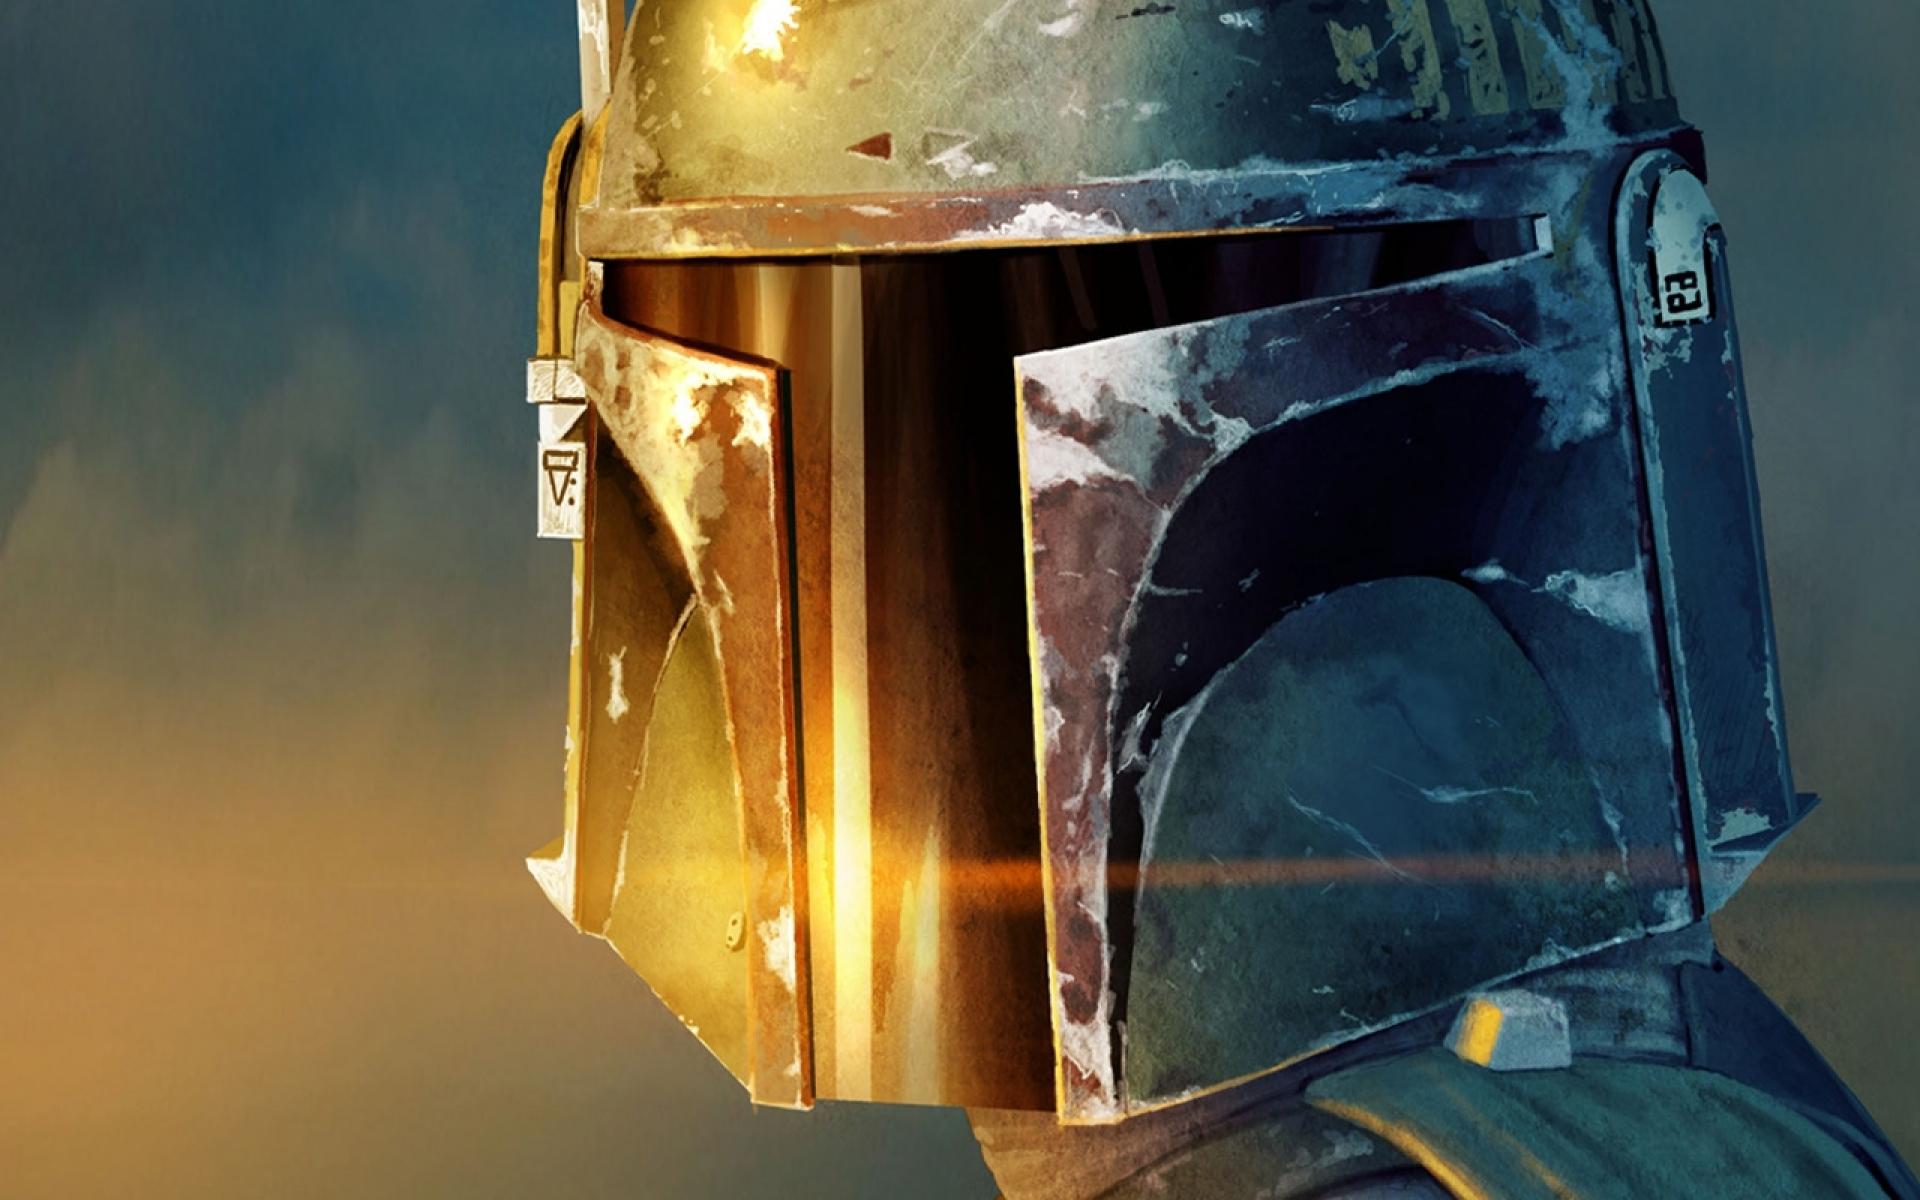 Star Wars 1440p Wallpaper - WallpaperSafari